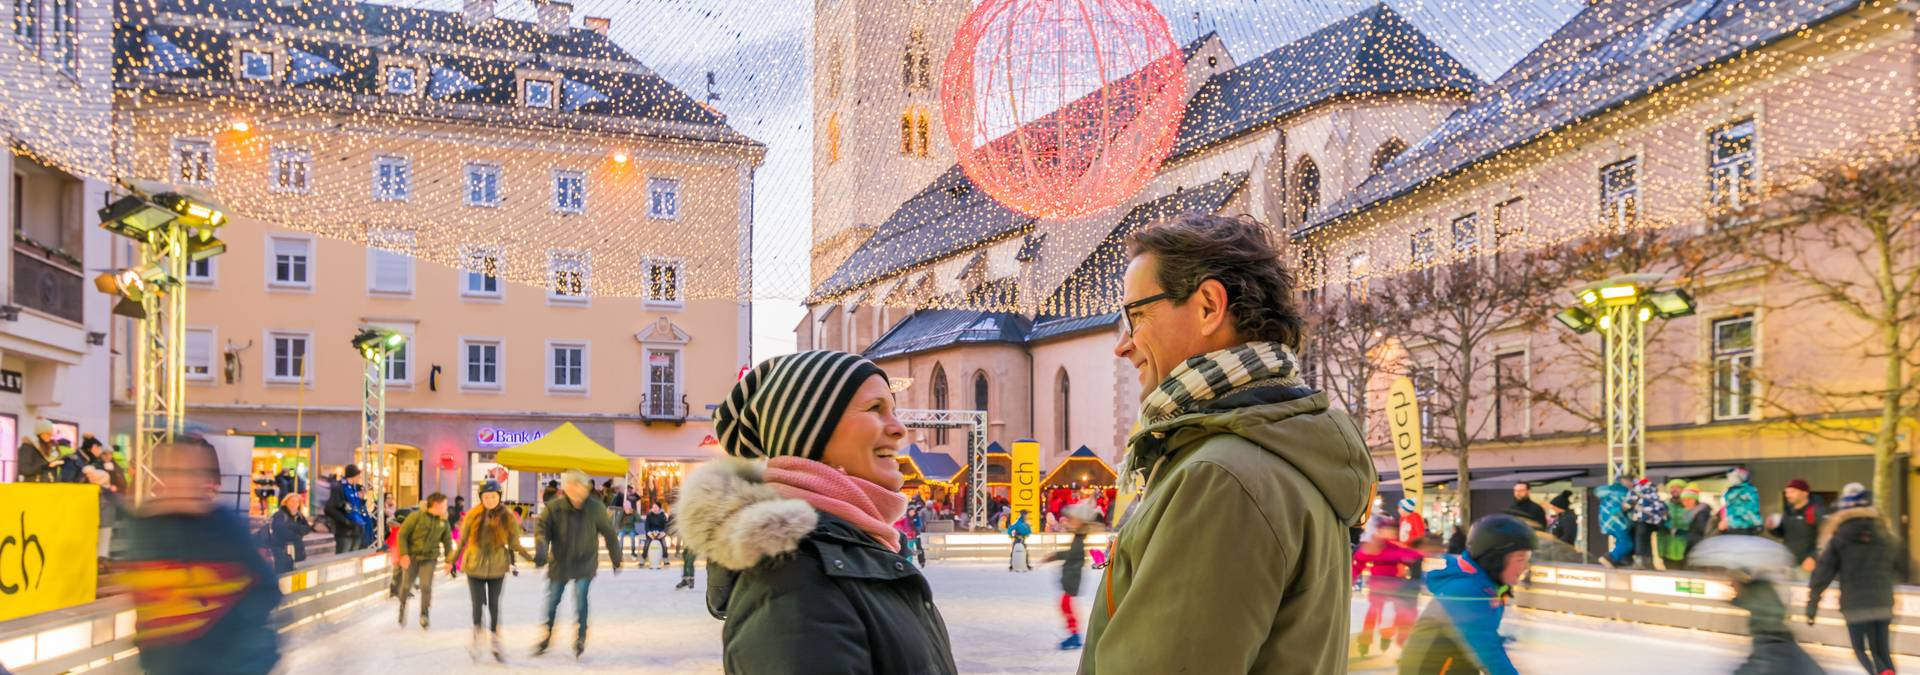 Advent Villach Eislaufen am Rathausplatz